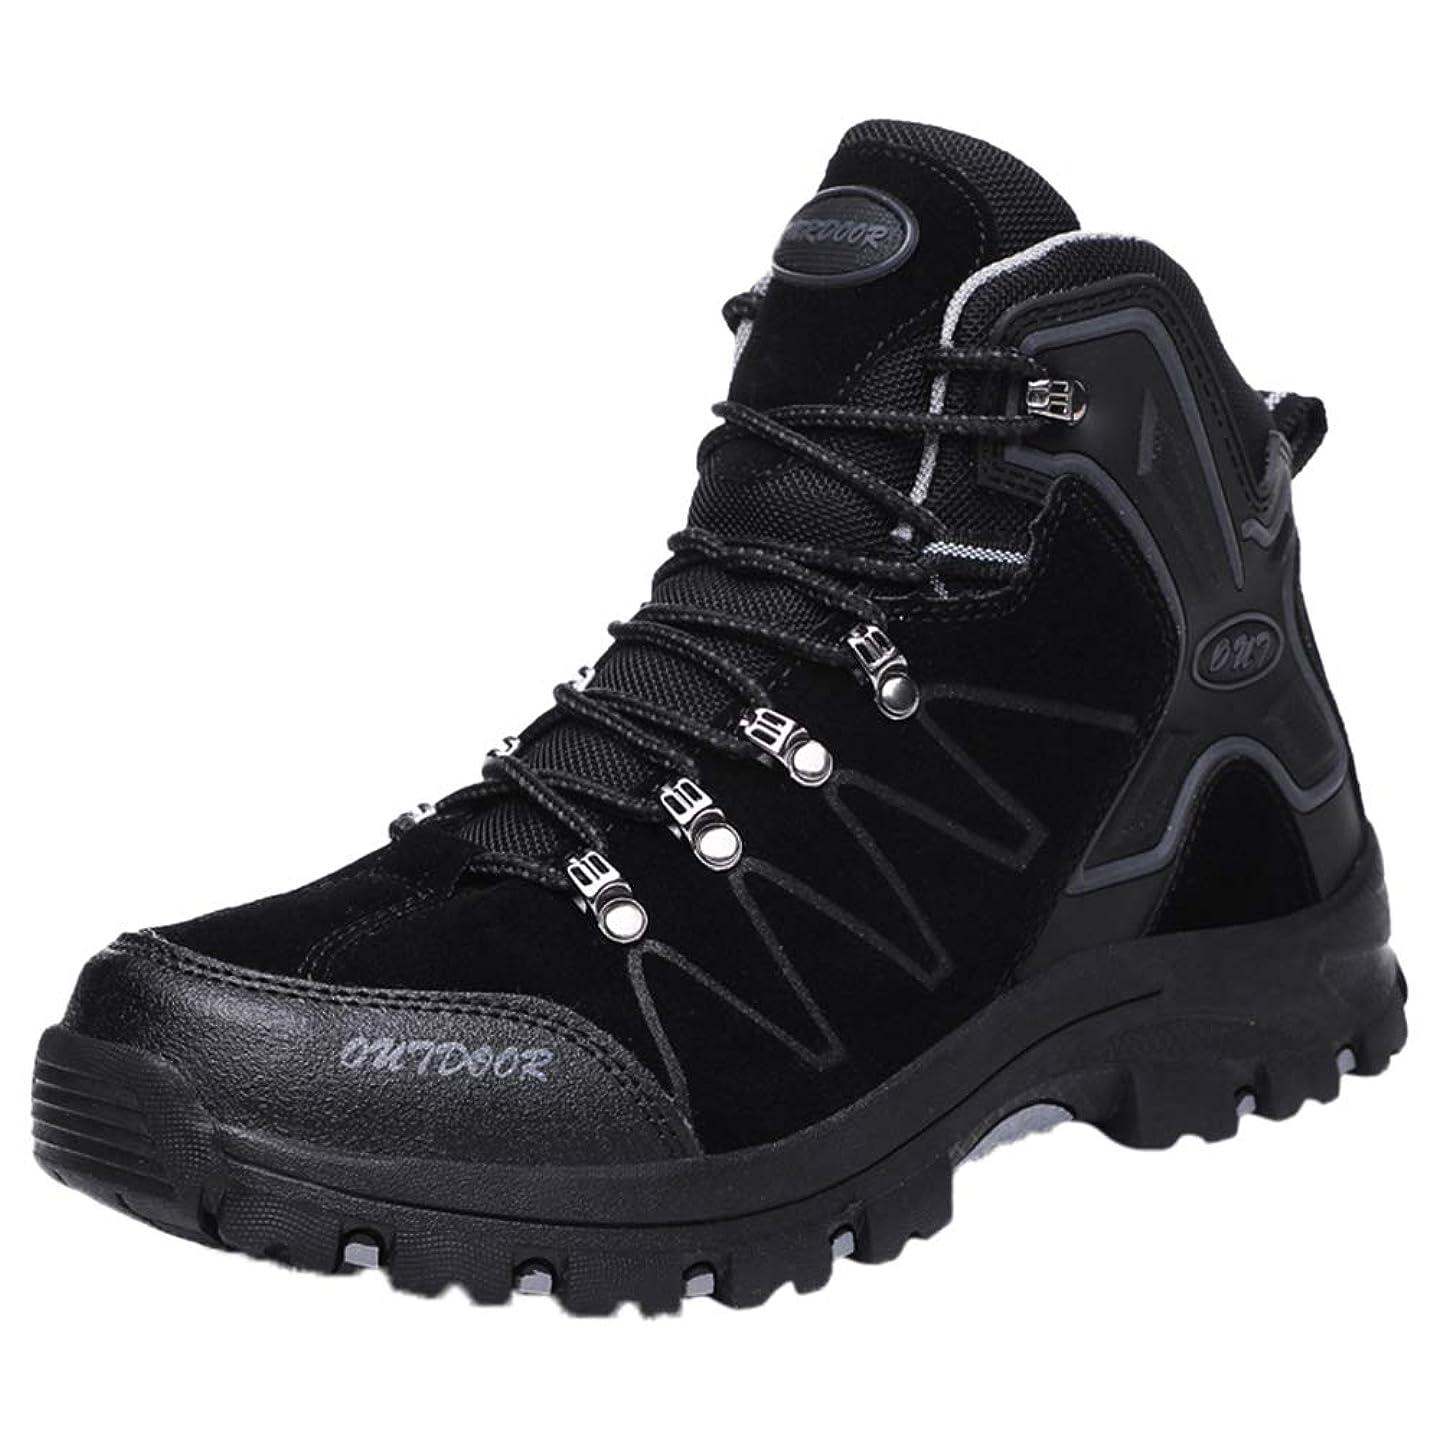 尋ねるオーバーラン日没[VITIKE] ハイキングシューズ メンズ トレッキングシューズ 防水 ハイカット 軽 登山靴 防滑 耐磨耗 アウトドア キャンプ シューズ 通気性 スエード 安い スニーカー 大きいサイズ ブーツ ウォーキング 靴